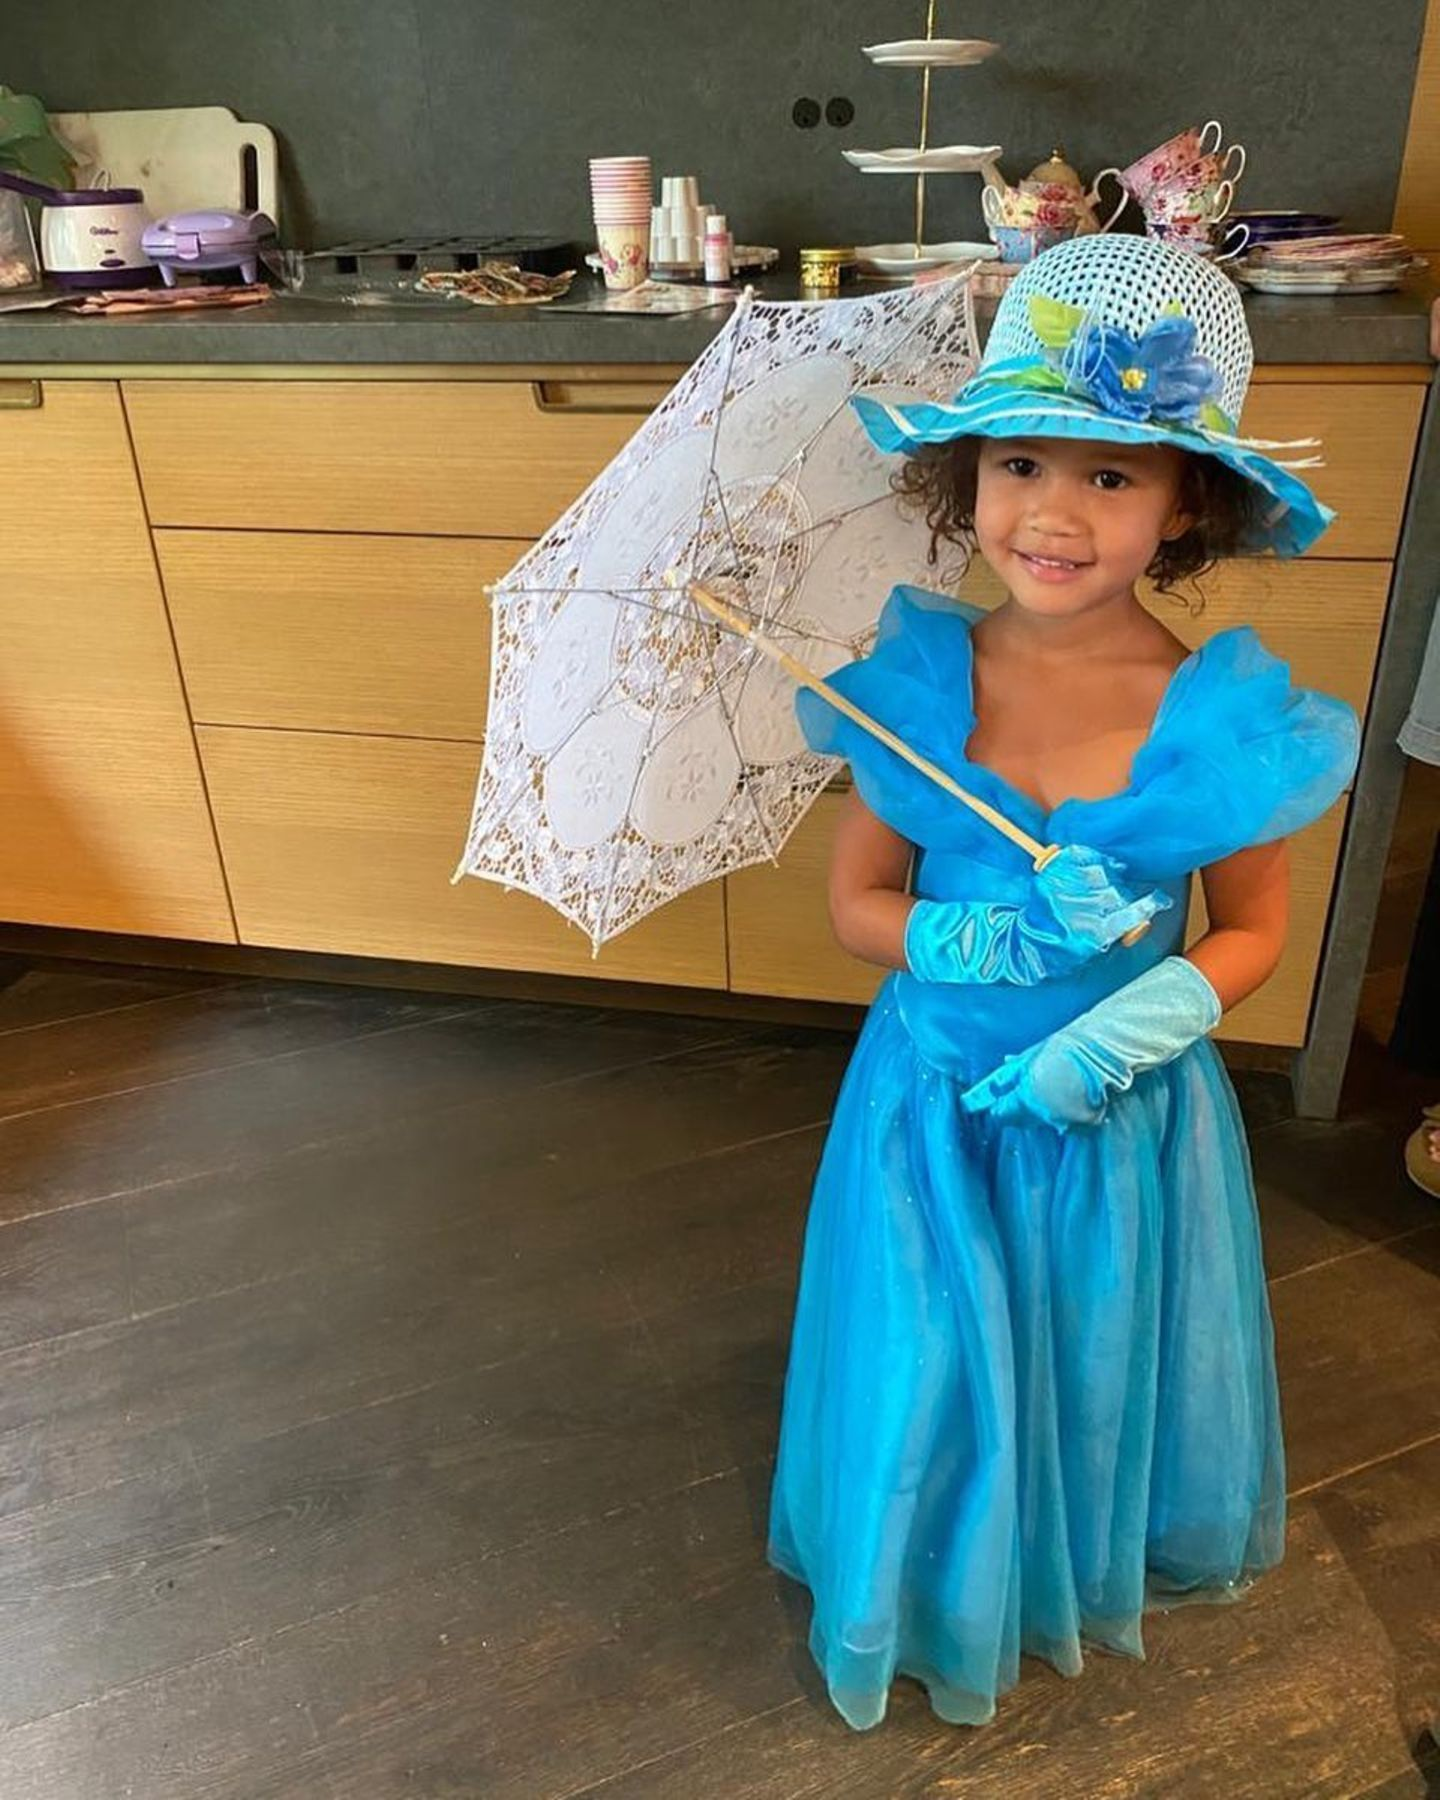 Luna, die kleine Tochter von Sänger John Legend und Chrissy Teigen, liebt es, sich zu verkleiden. Die Vierjährige hat dabei ihren ganz eigenen Stil. Sie interessiert sich nicht für Superhelden- oder Feen-Kostüme,Luna bevorzugt den todschicken Look vergangener Aristokraten-Tage. Eine legere Tee-Partygibt es bei ihr nicht, sie lädt zumglamourösenHigh-Tea-Event ein.